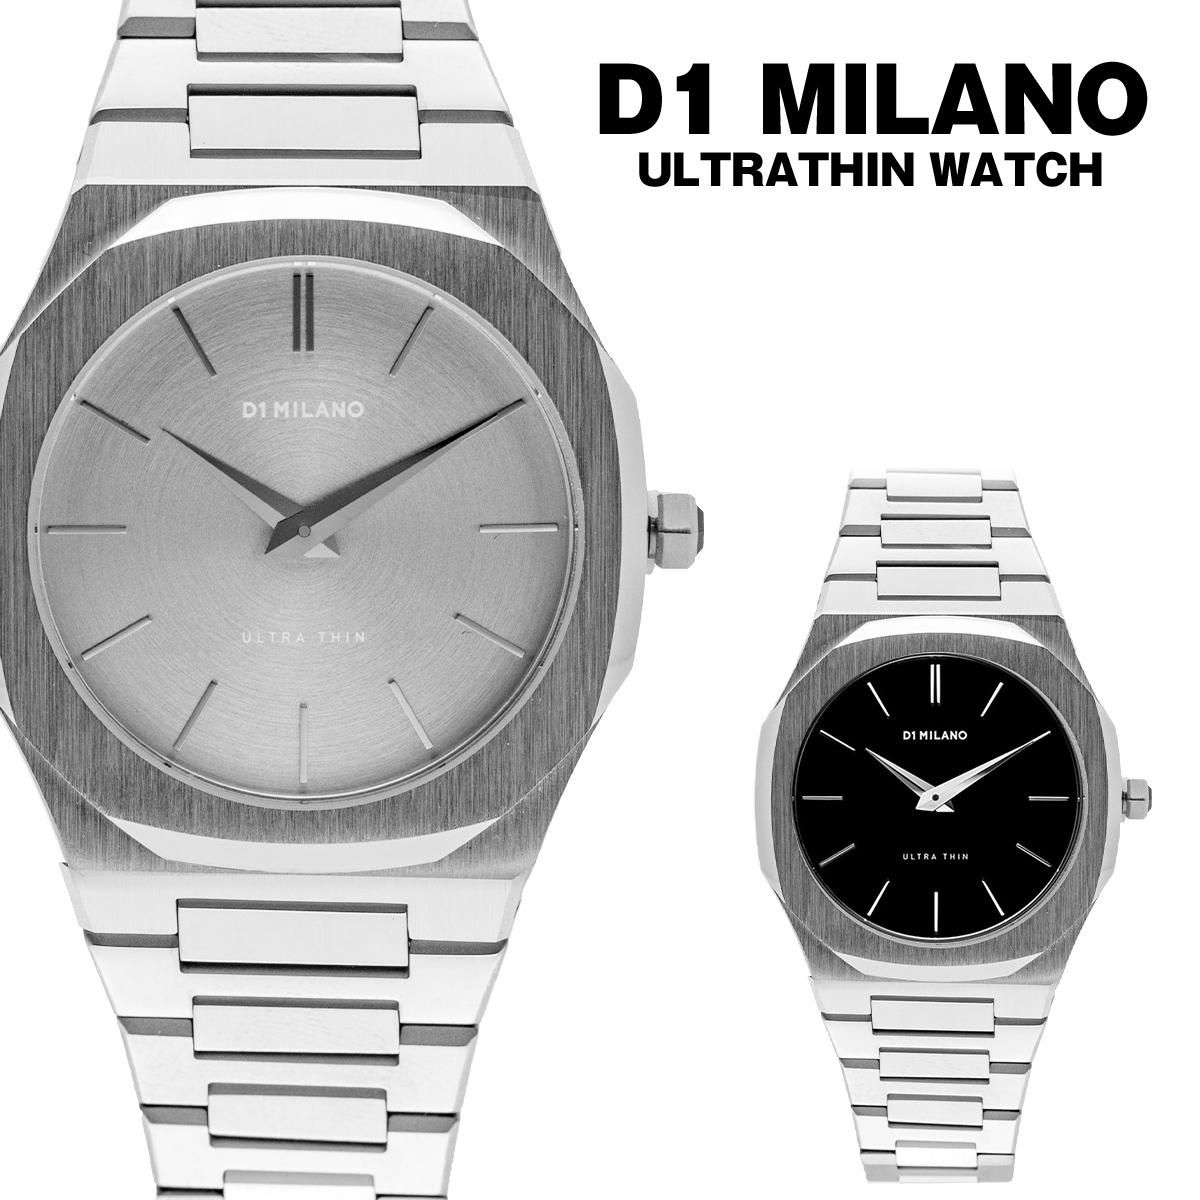 【全品送料無料】 D1 MILANO D1ミラノ メンズ ULTRA THIN UTL ステンレススティールケース 防水 メタルベルト 腕時計 時計 UTB01 UTB02 UTBL01